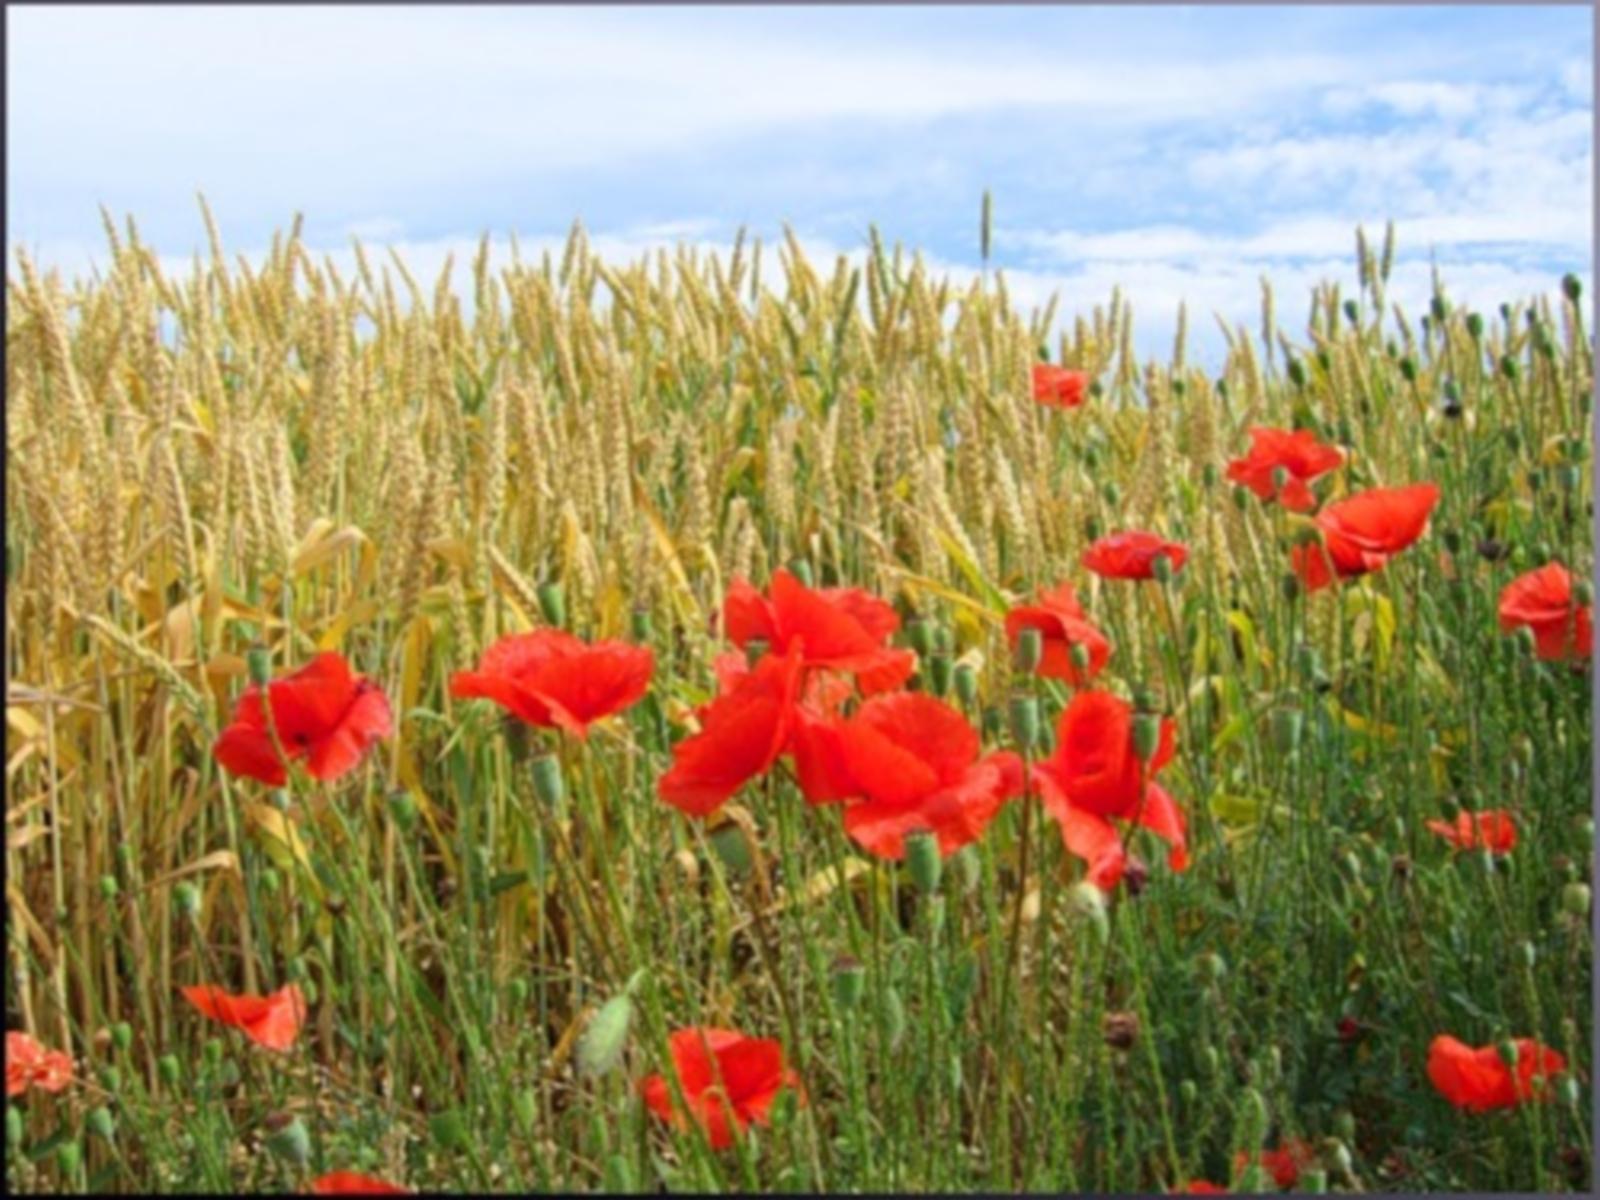 7275 скачать обои Растения, Пейзаж, Цветы, Поля, Маки, Пшеница - заставки и картинки бесплатно